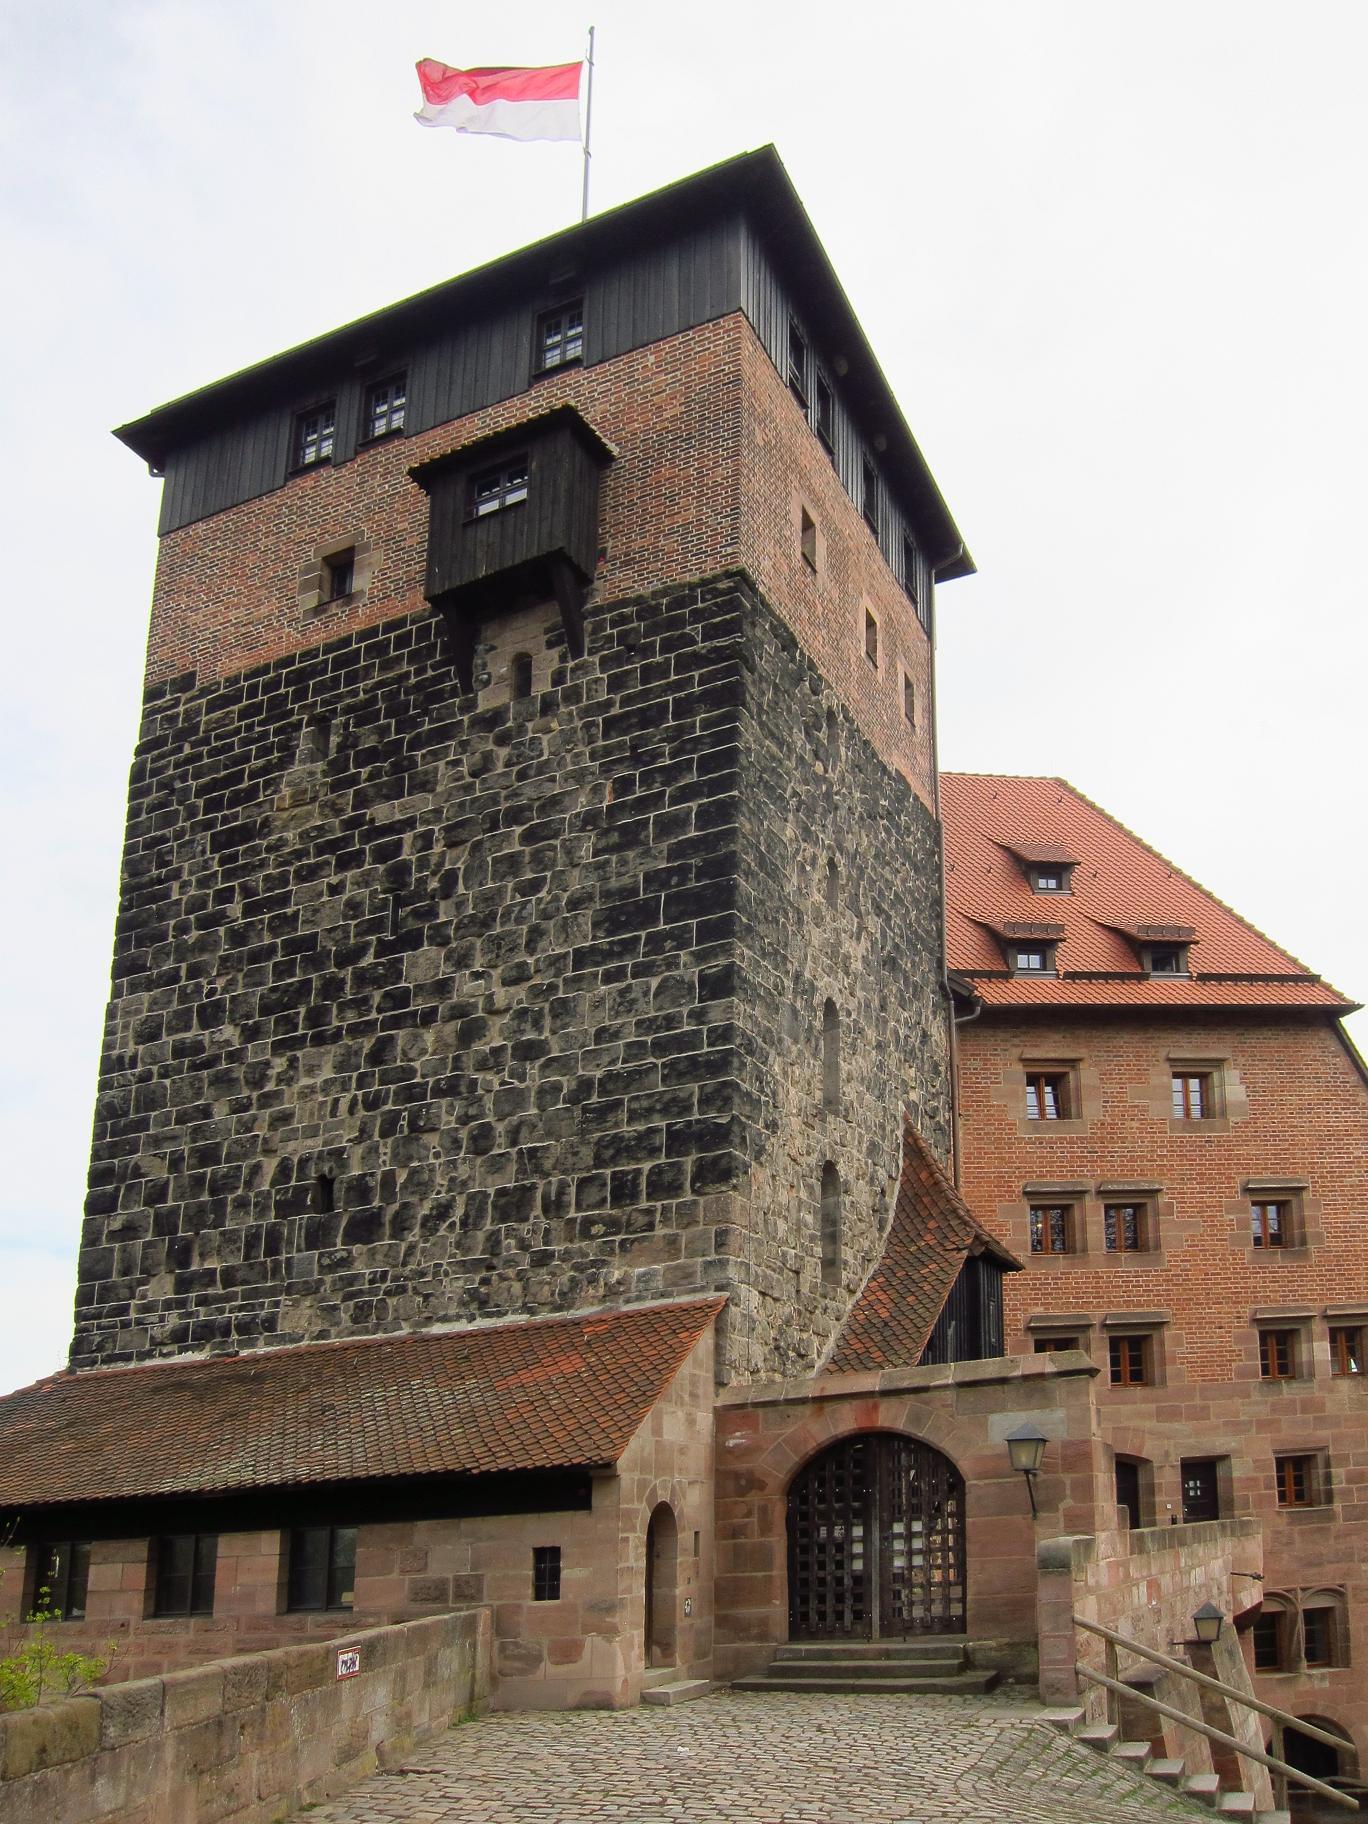 П'ятигранна вежа. Бургграфська фортеця.